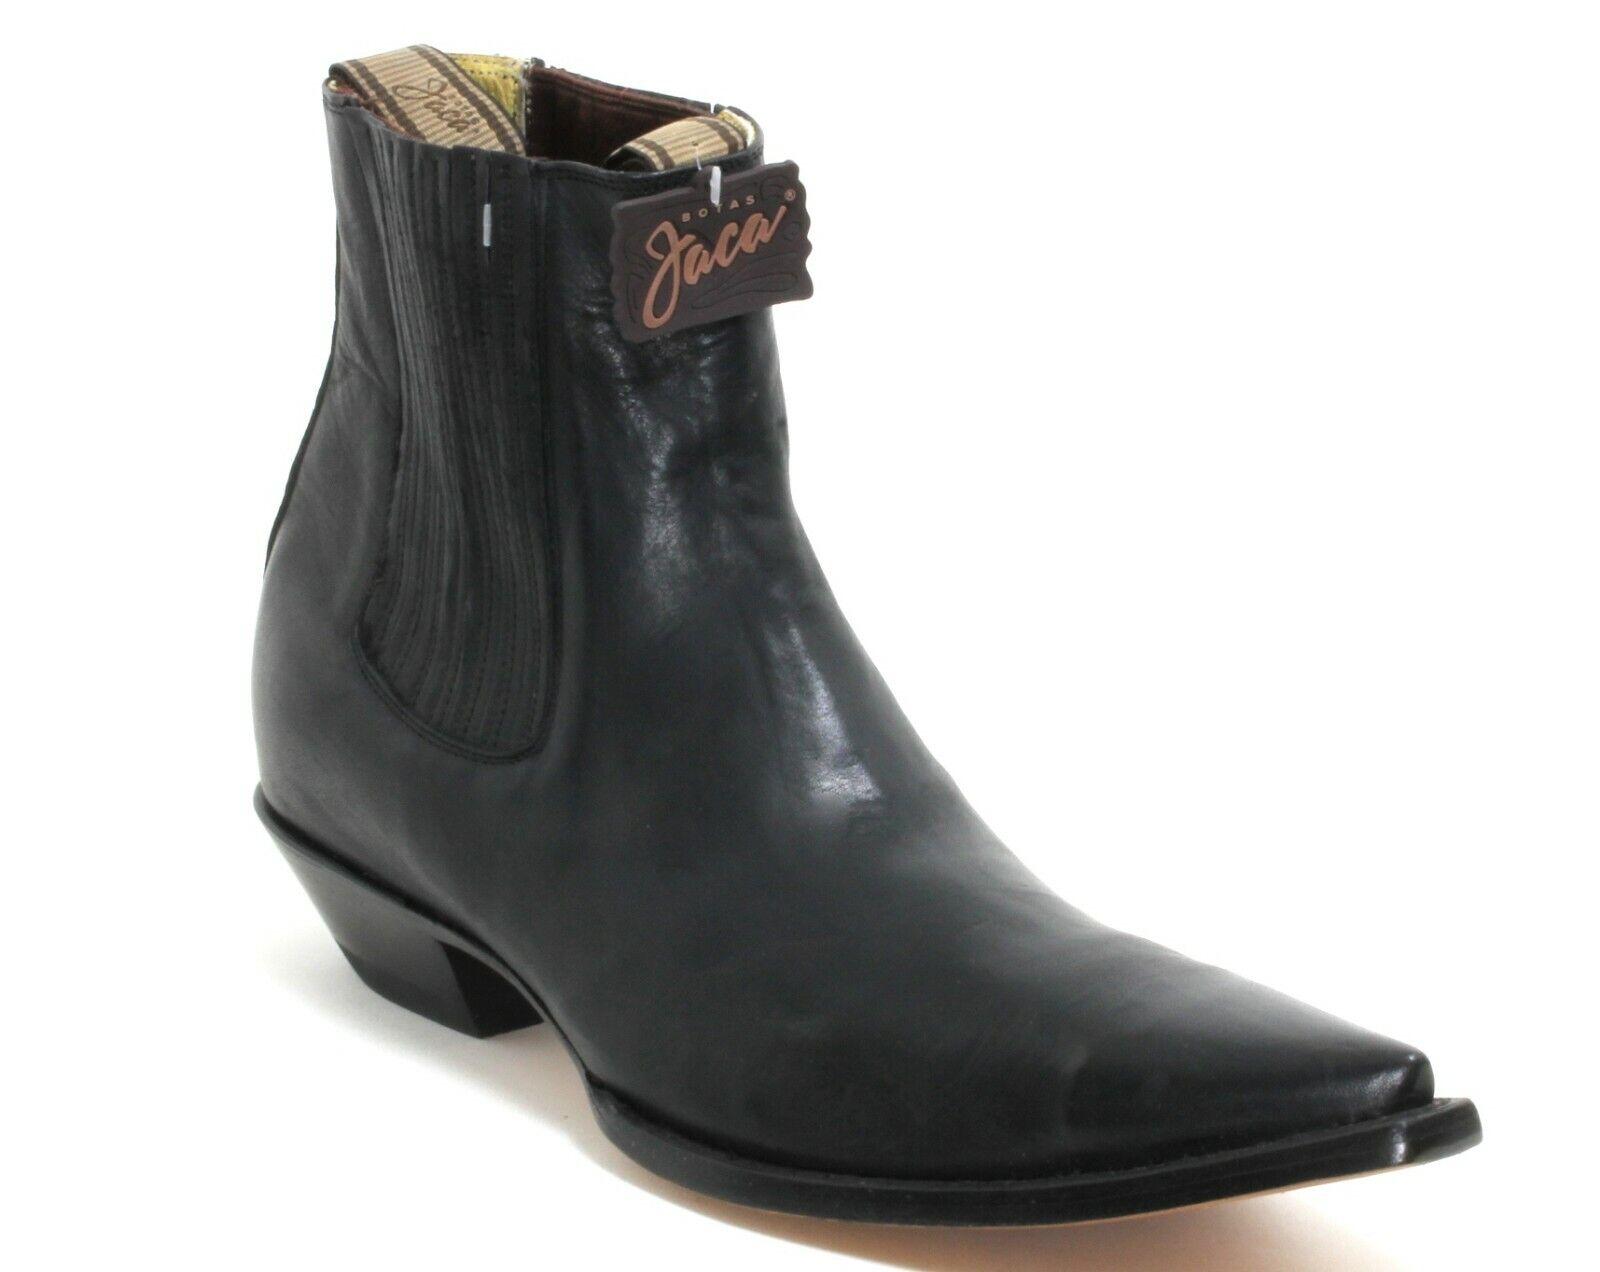 56 Western Bottes Bottes De Cowboy Jaca bottes catalan Style Line Dance Noir 38